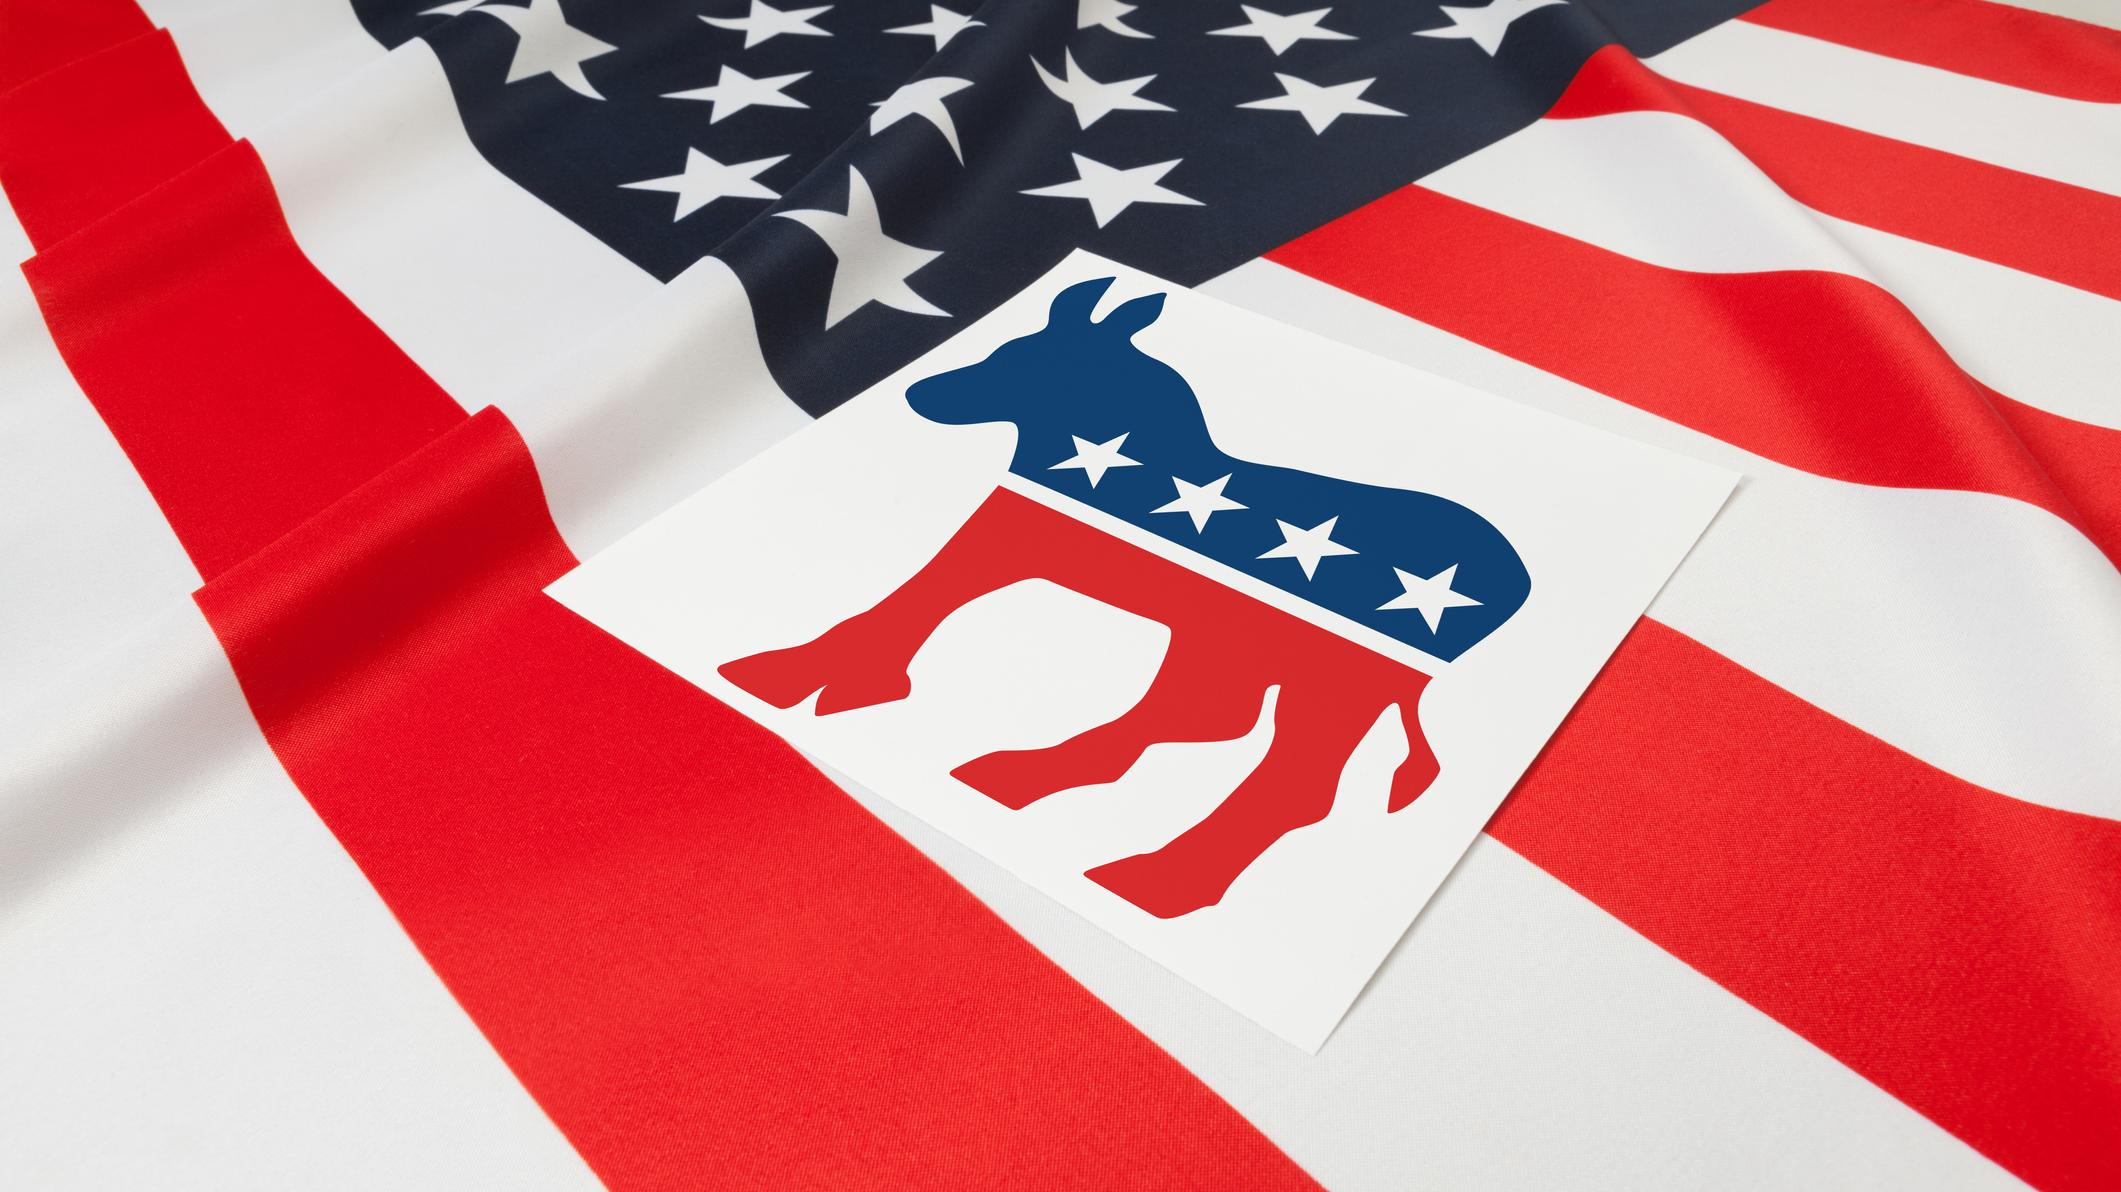 Democrats Seize Control Of US House of Representatives